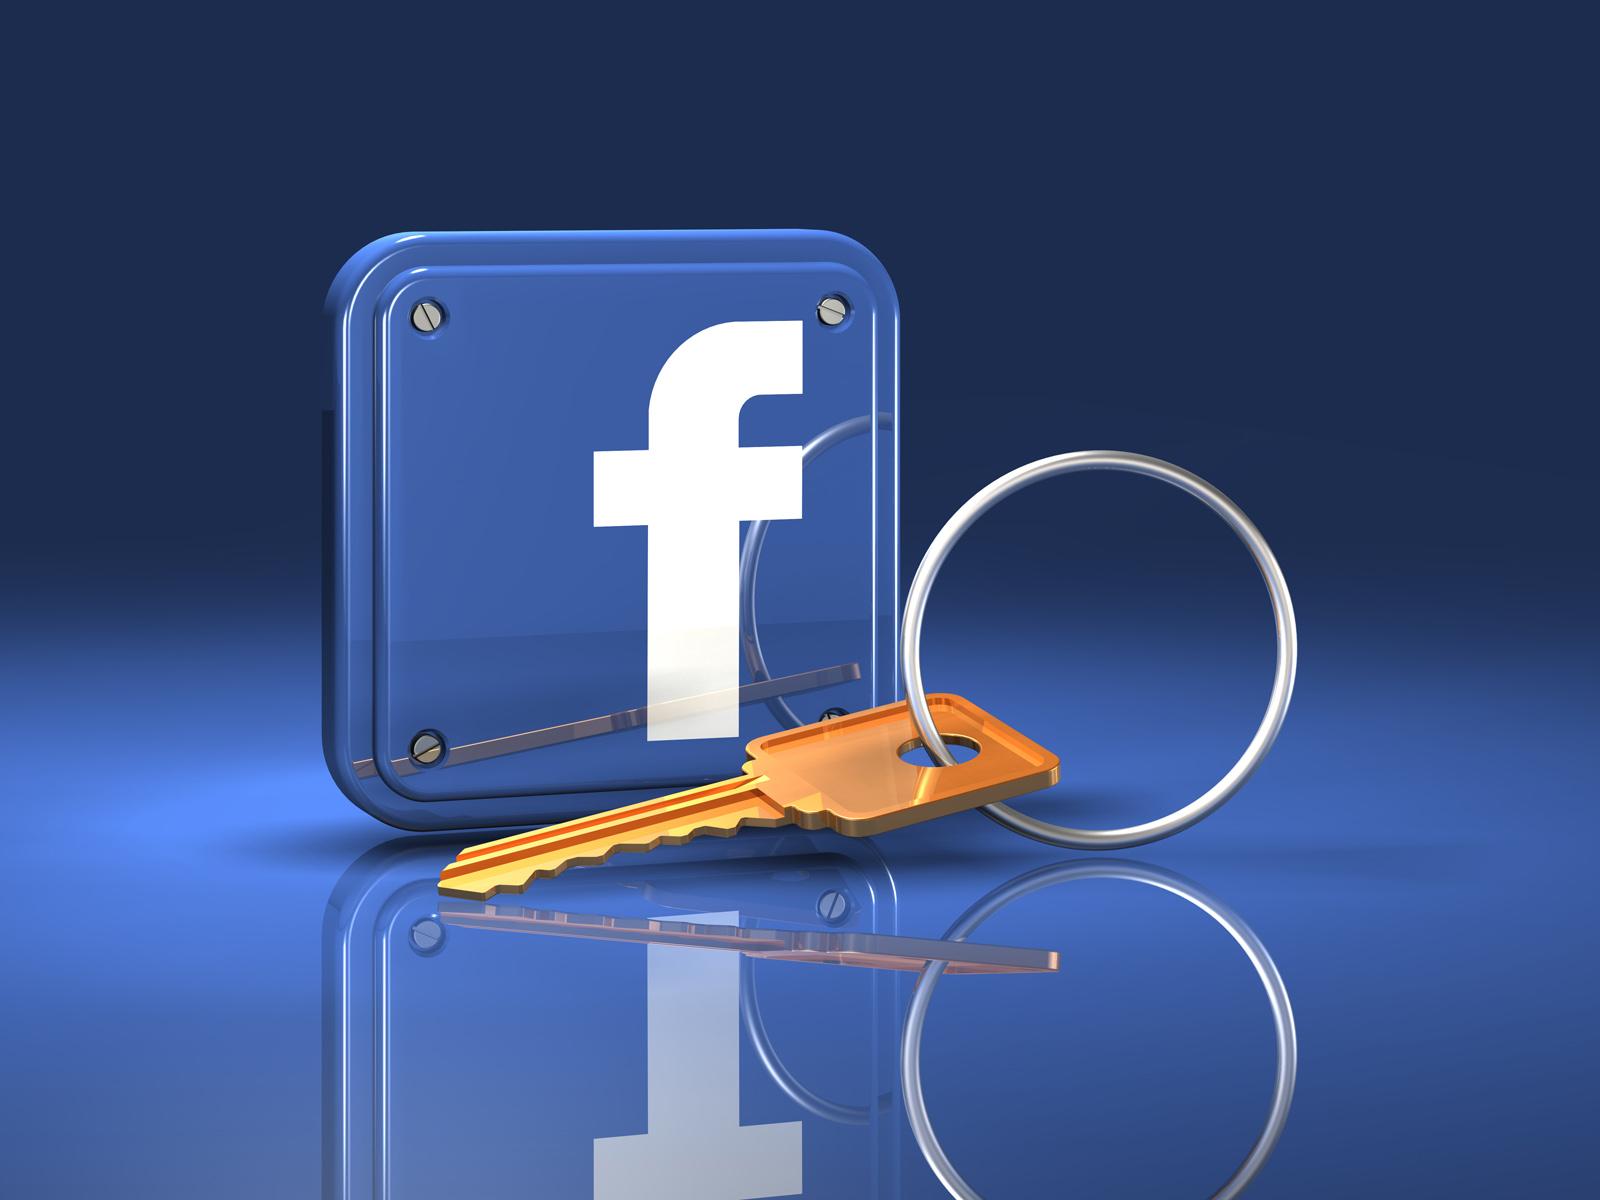 Làm gì khi tài khoản quảng cáo Facebook bị gắn cờ vô hiệu hóa?